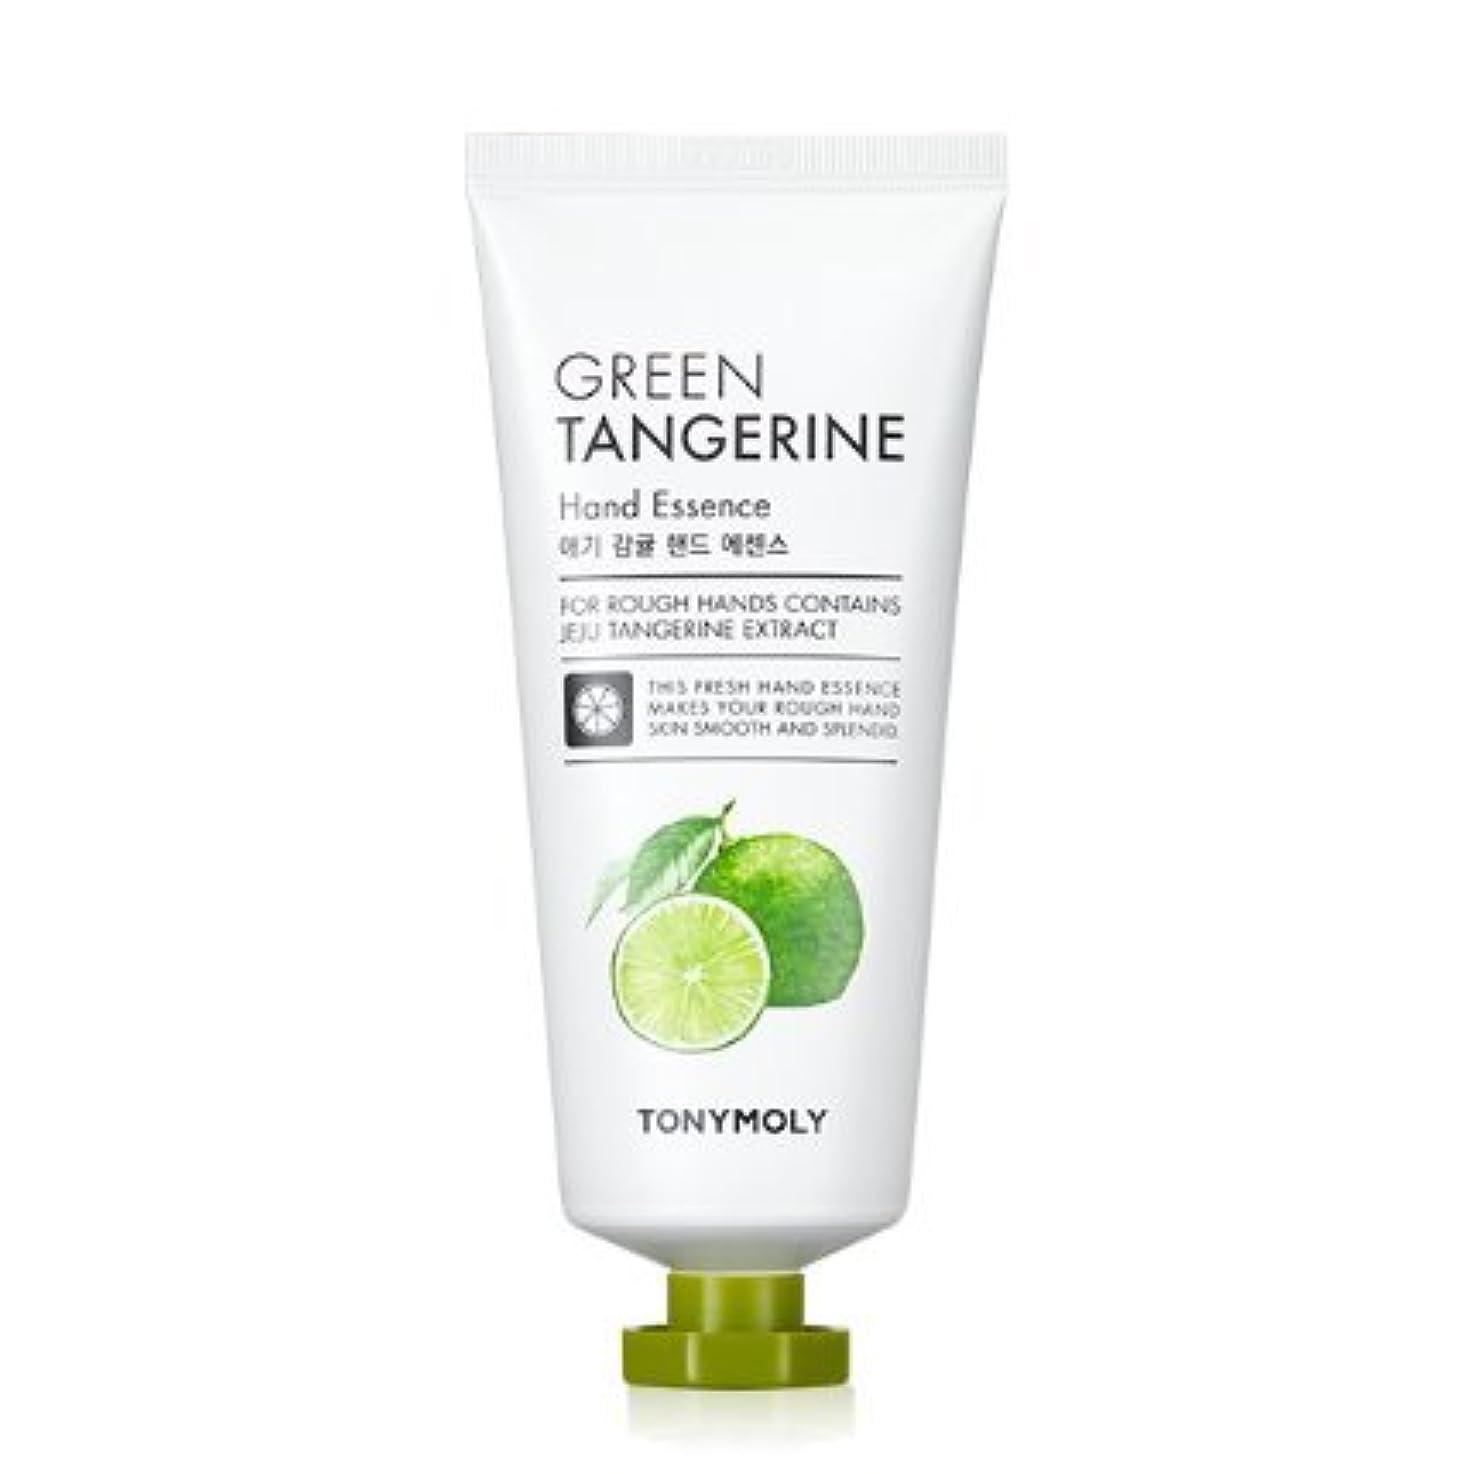 肥満気になるシャイ[Renewal] TONYMOLY Green Tangerine Hand Essence/トニーモリー 青みかん ハンド エッセンス 80g [並行輸入品]